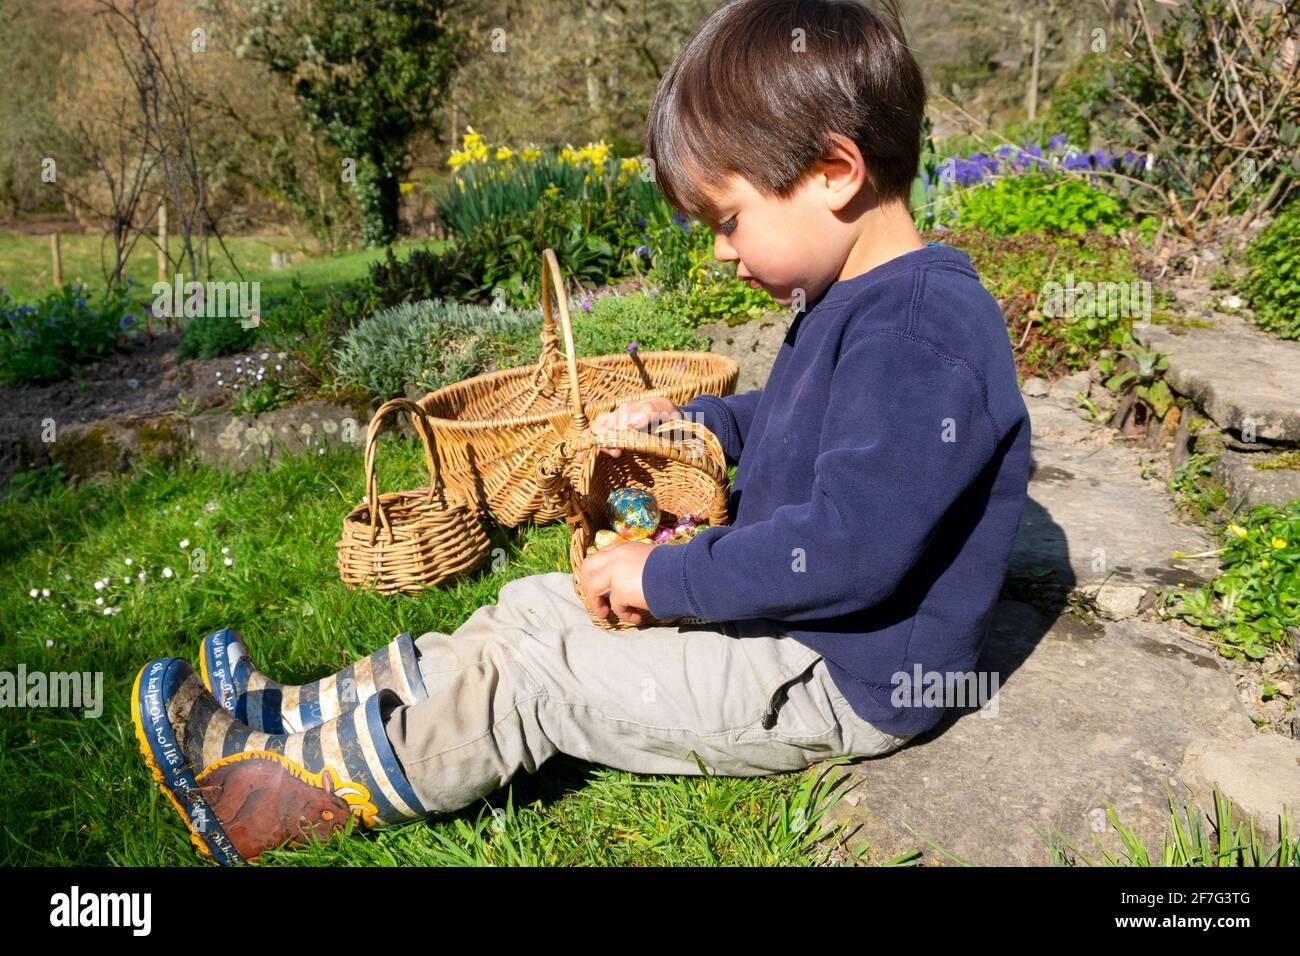 Bambino giovane ragazzo seduto in giardino dopo la caccia alle uova di Pasqua guardando giù al cestino di uova di Pasqua di cioccolato in Galles Gran Bretagna. KATHY DEWITT Foto Stock